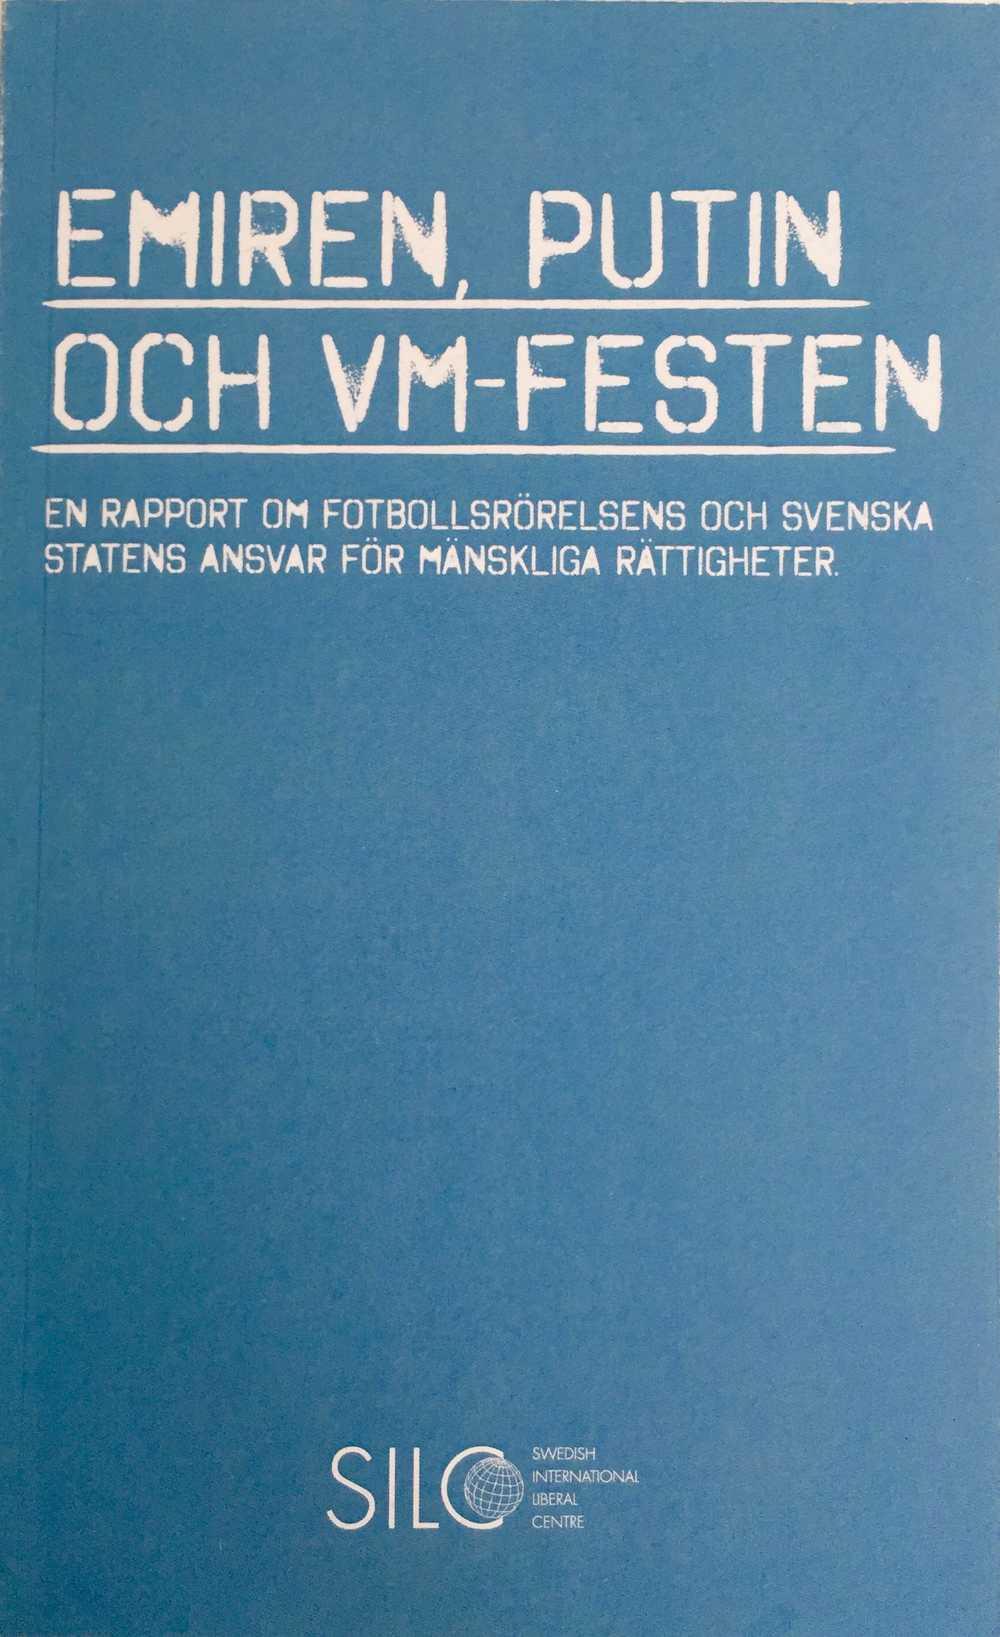 Framsida av publikationen Emiren, Putin och VM-festen